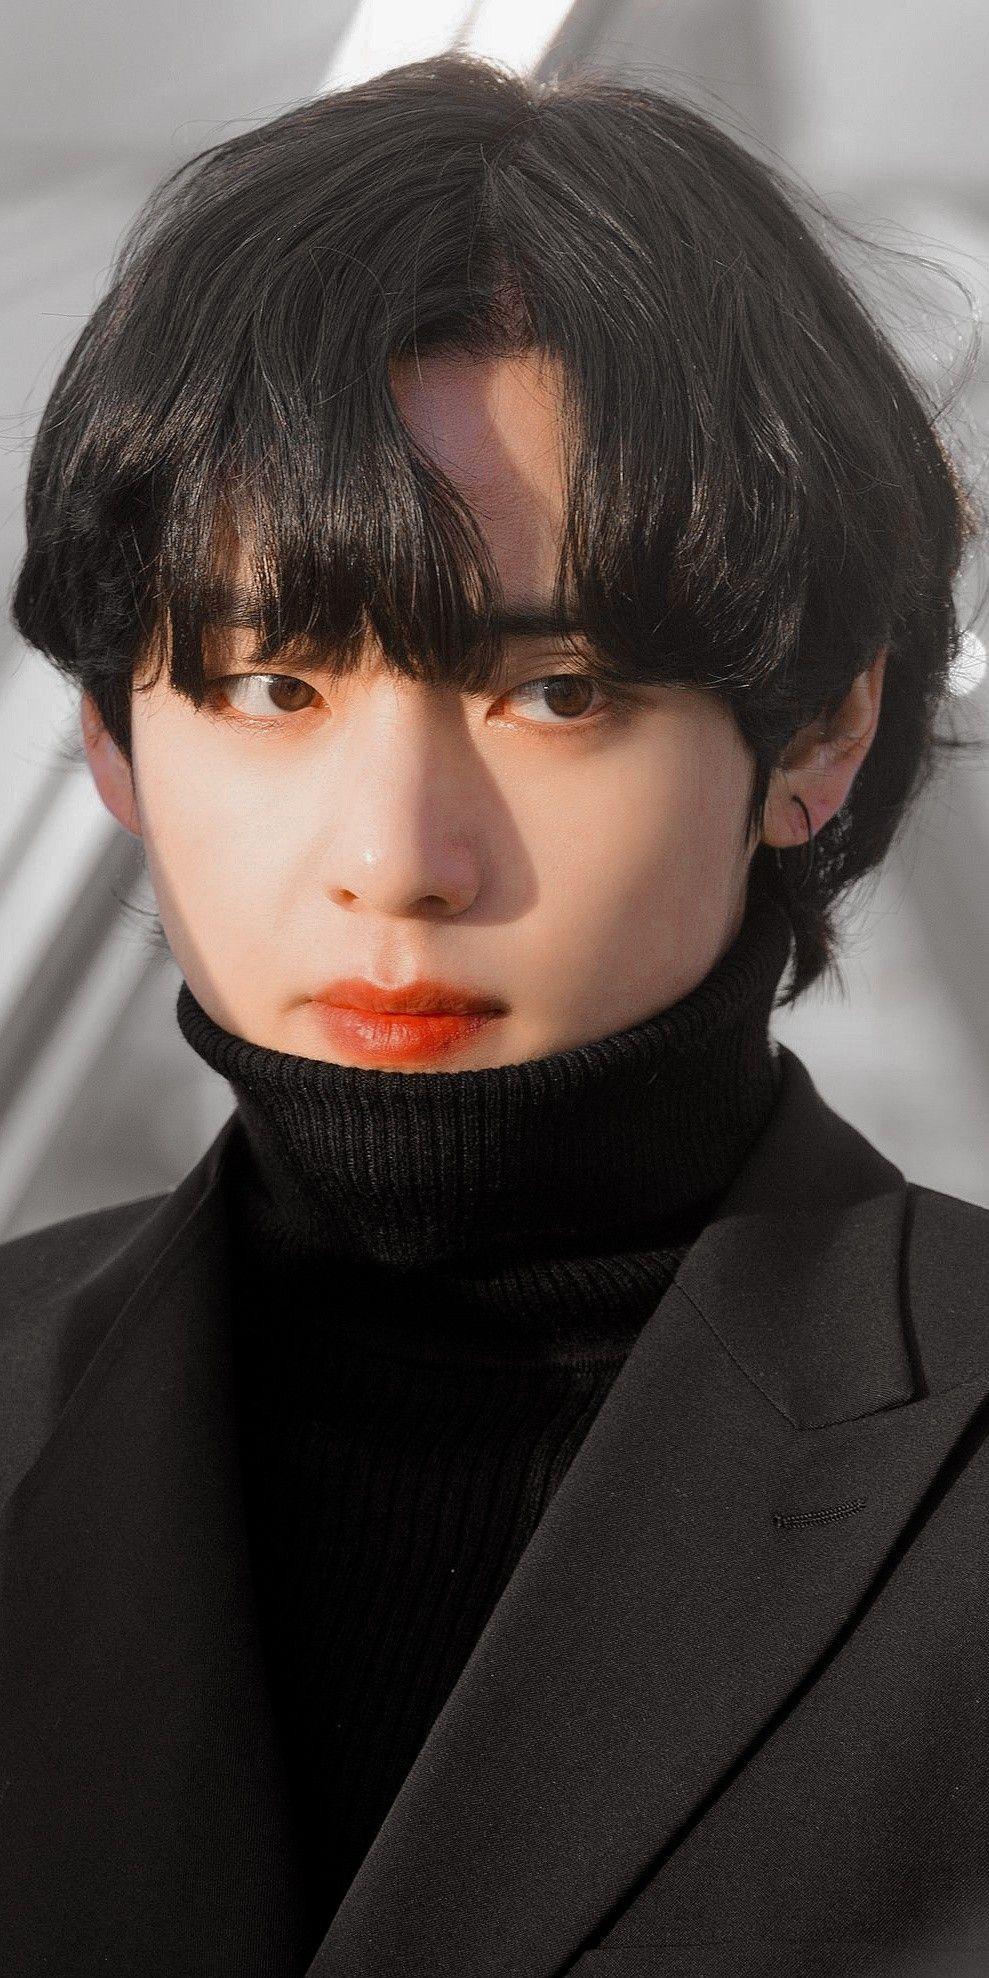 Top 8 idol sở hữu đôi mắt biếc đẹp mê hồn: V (BTS) xếp hạng nhất, sao nữ có những ai? ảnh 1